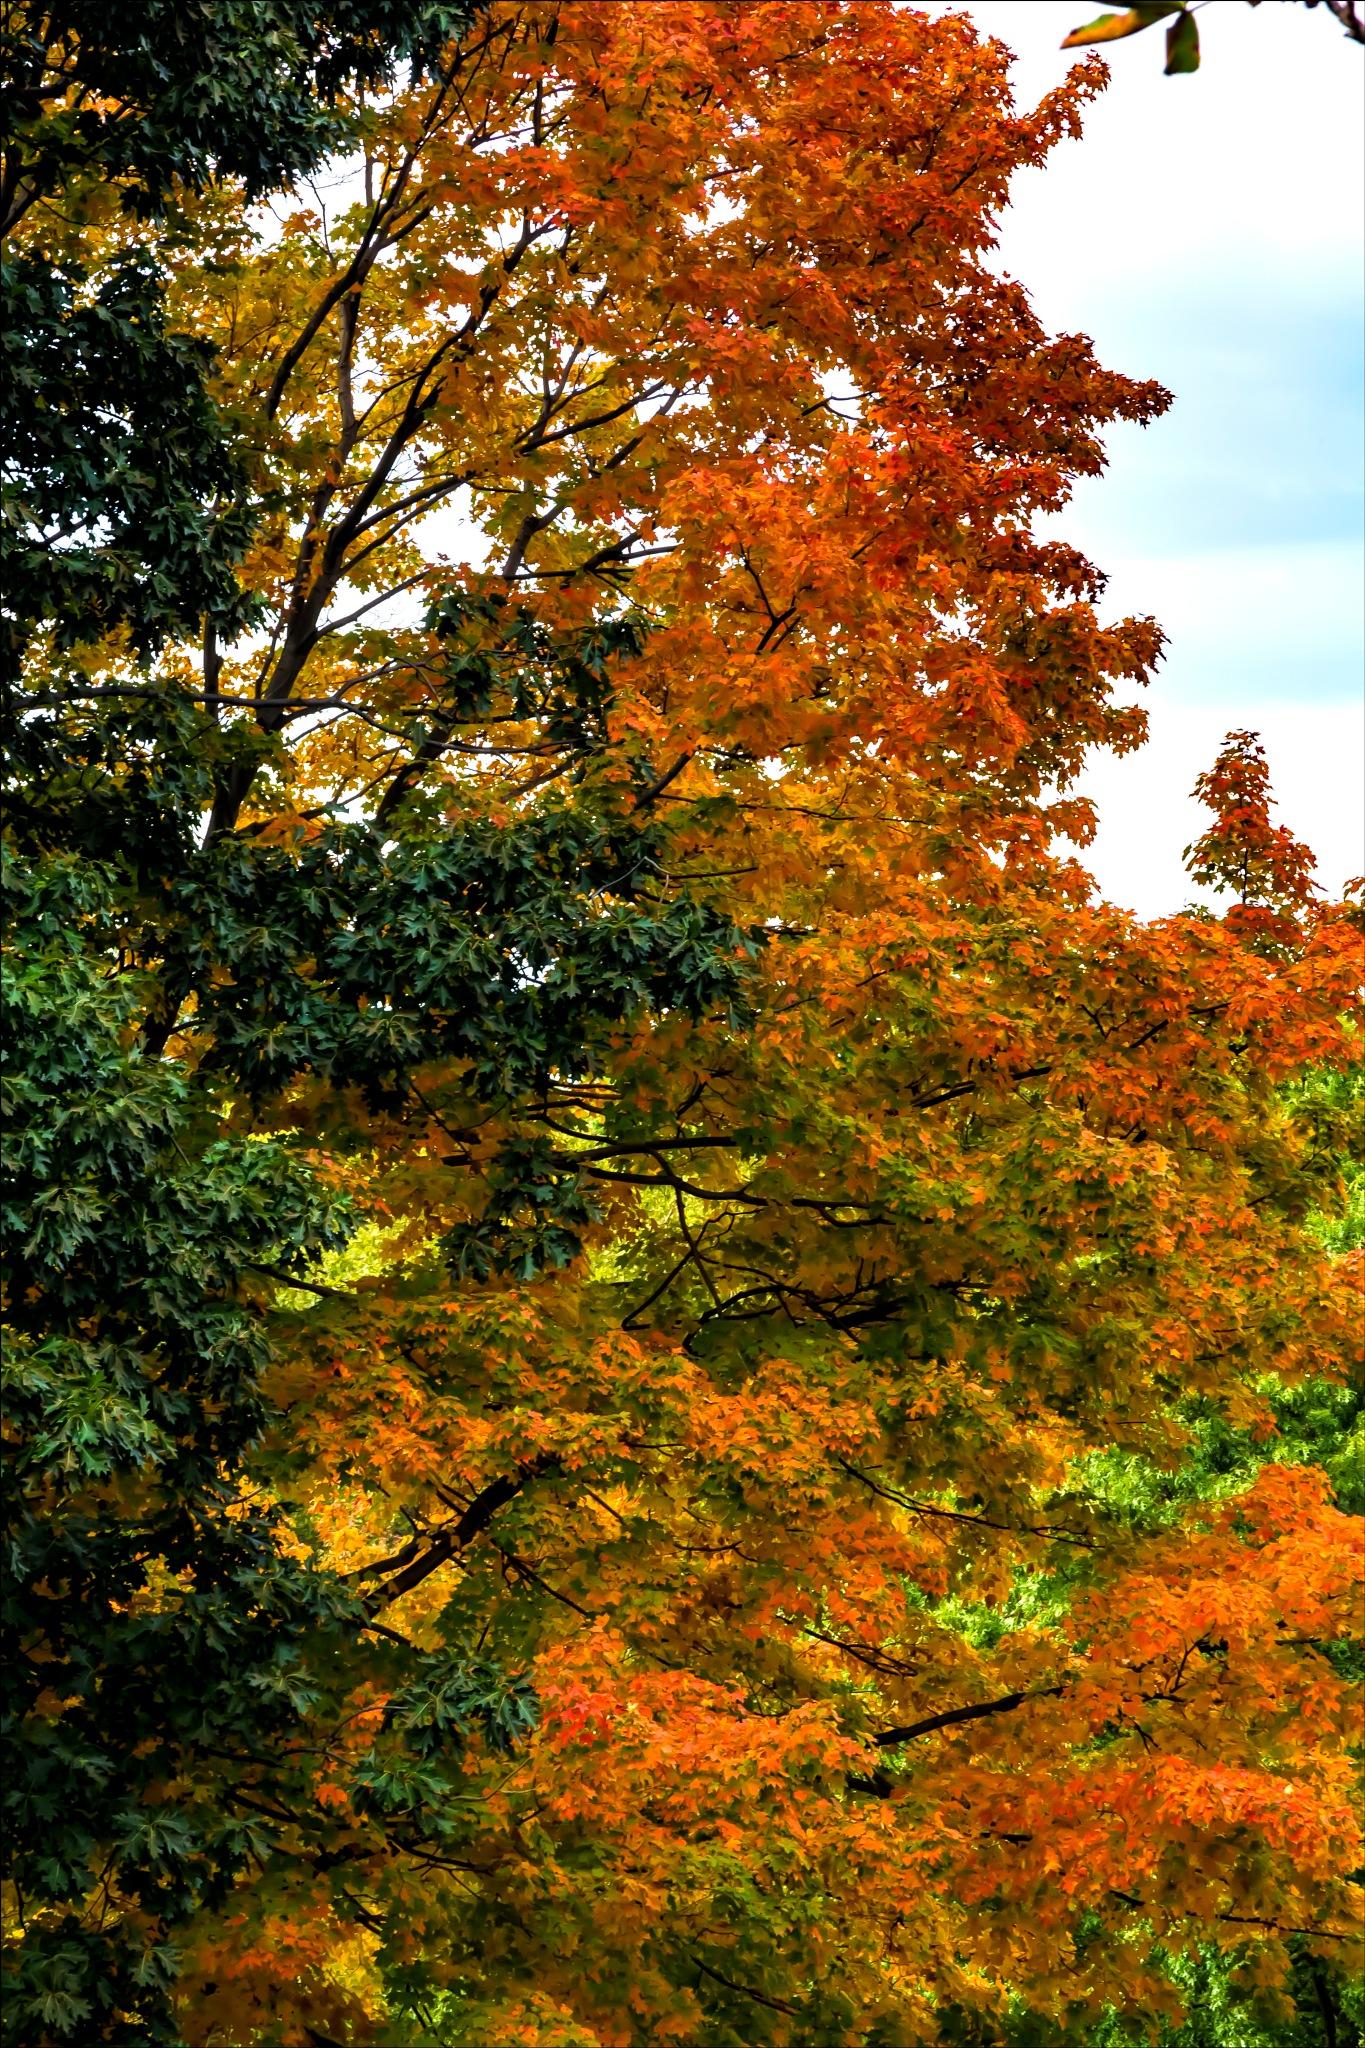 Autumn Trees  by robertullmann